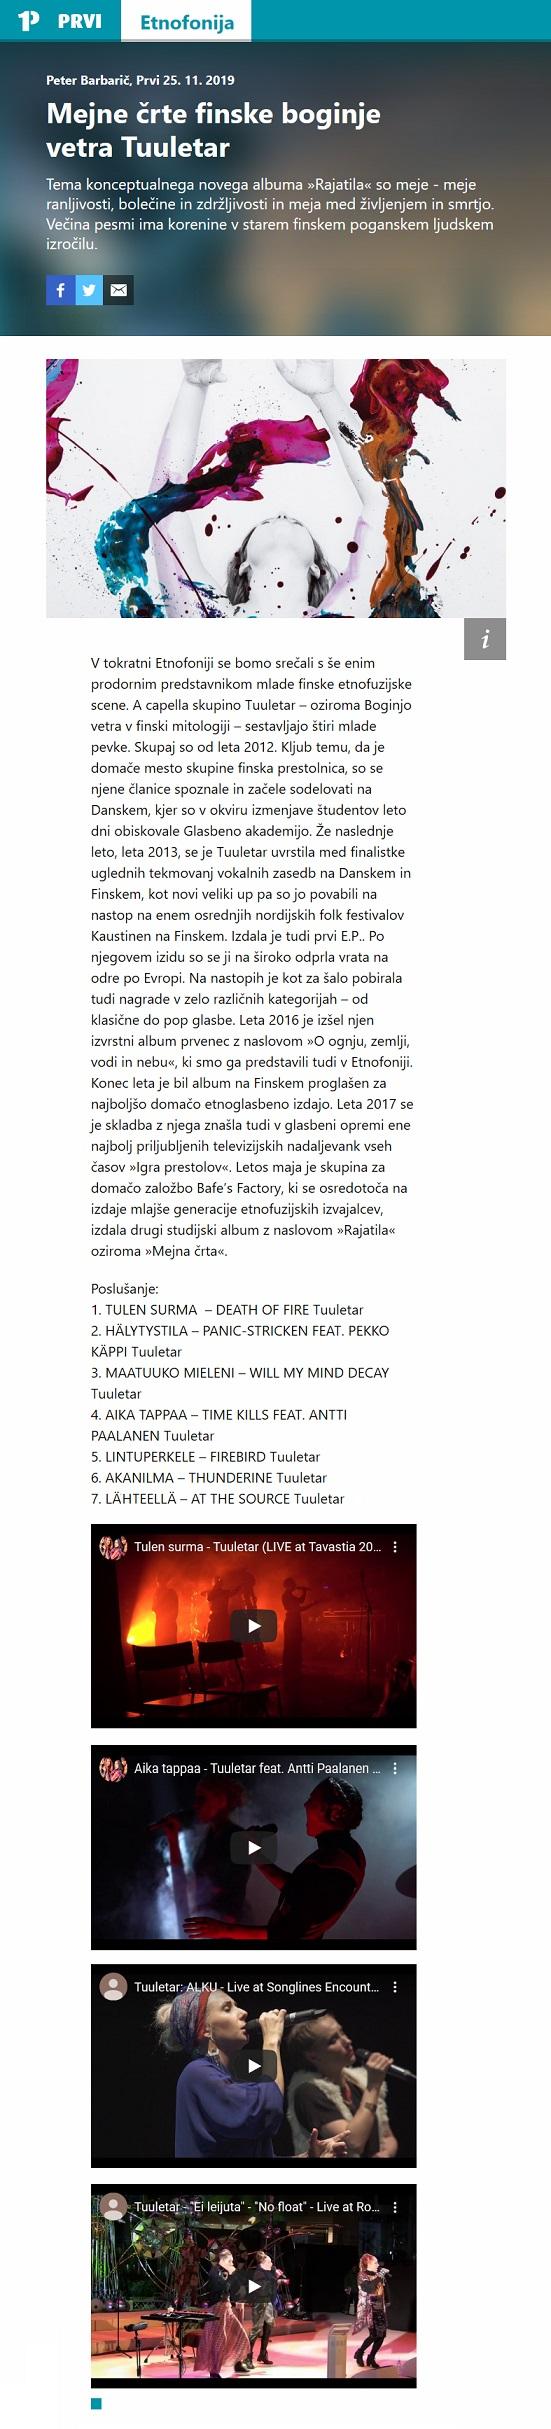 Radio PRVI, Mejne črte finske boginje vetra Tuuletar (Slovenia), 25.11.2019